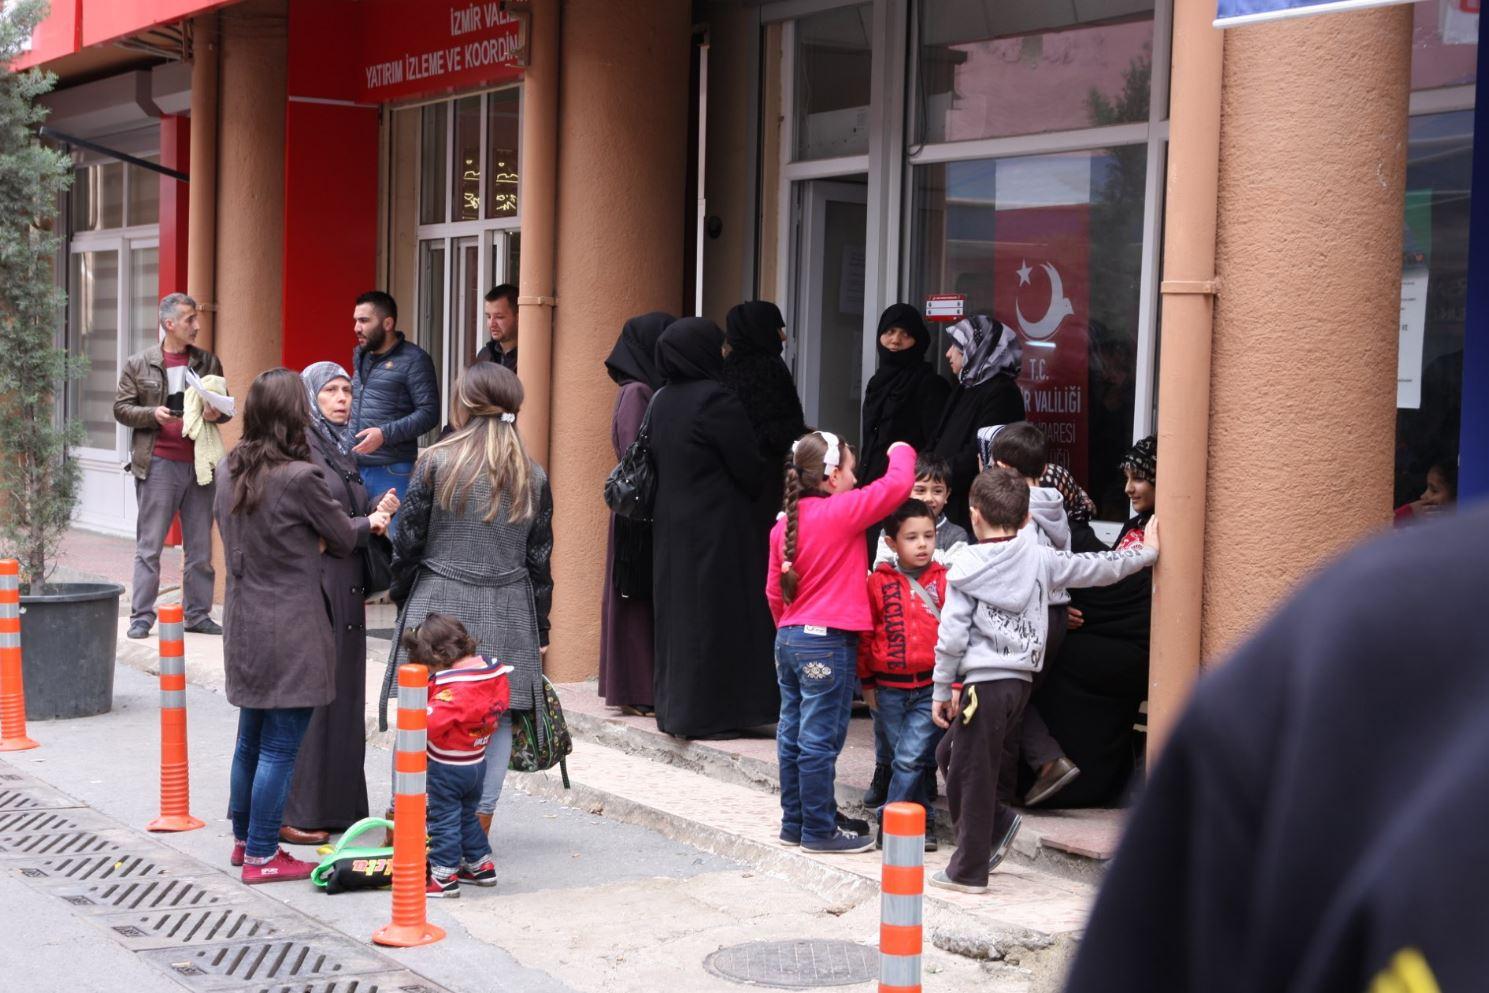 Rifugiati siriani in coda per ottenere il kimlik, un documento di identità che garantisce accesso a servizi e lavoro.